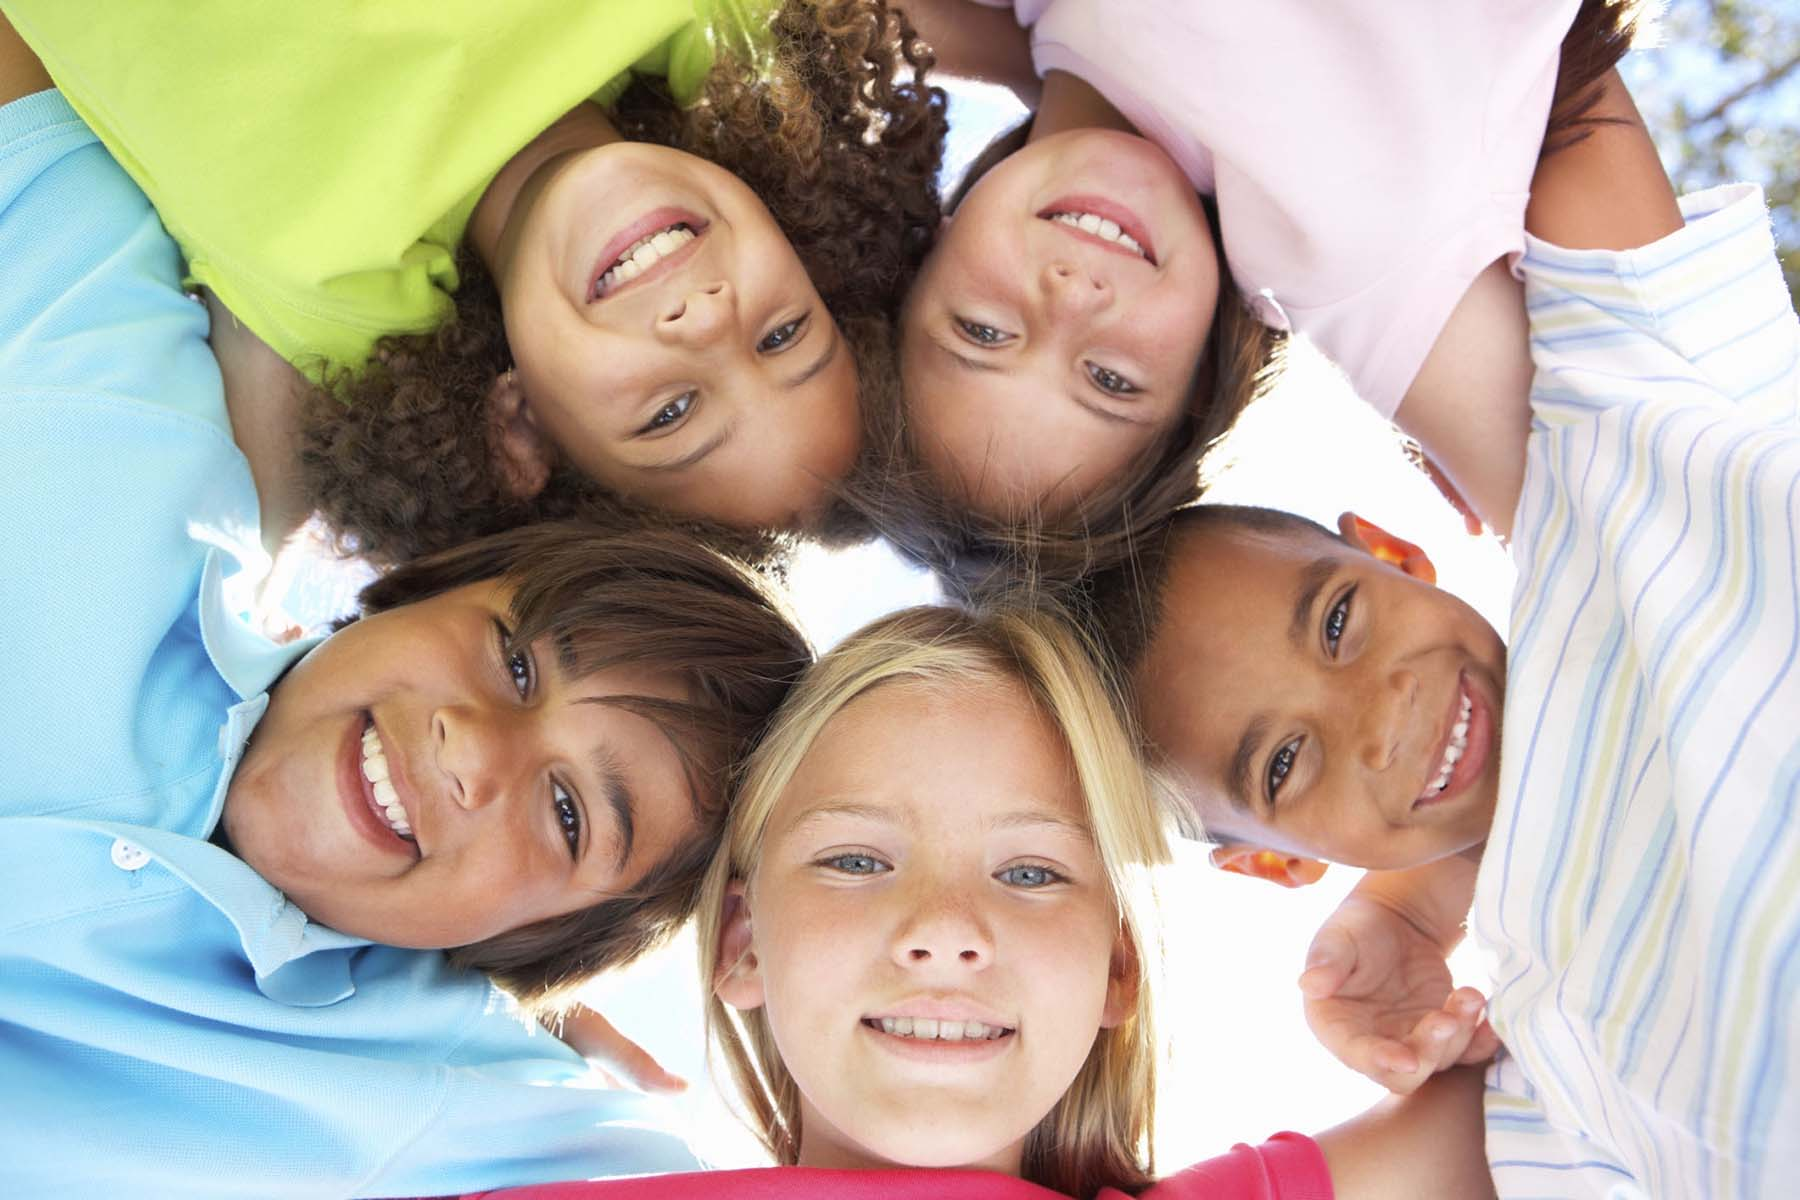 آموزش دوست یابی به کودکان